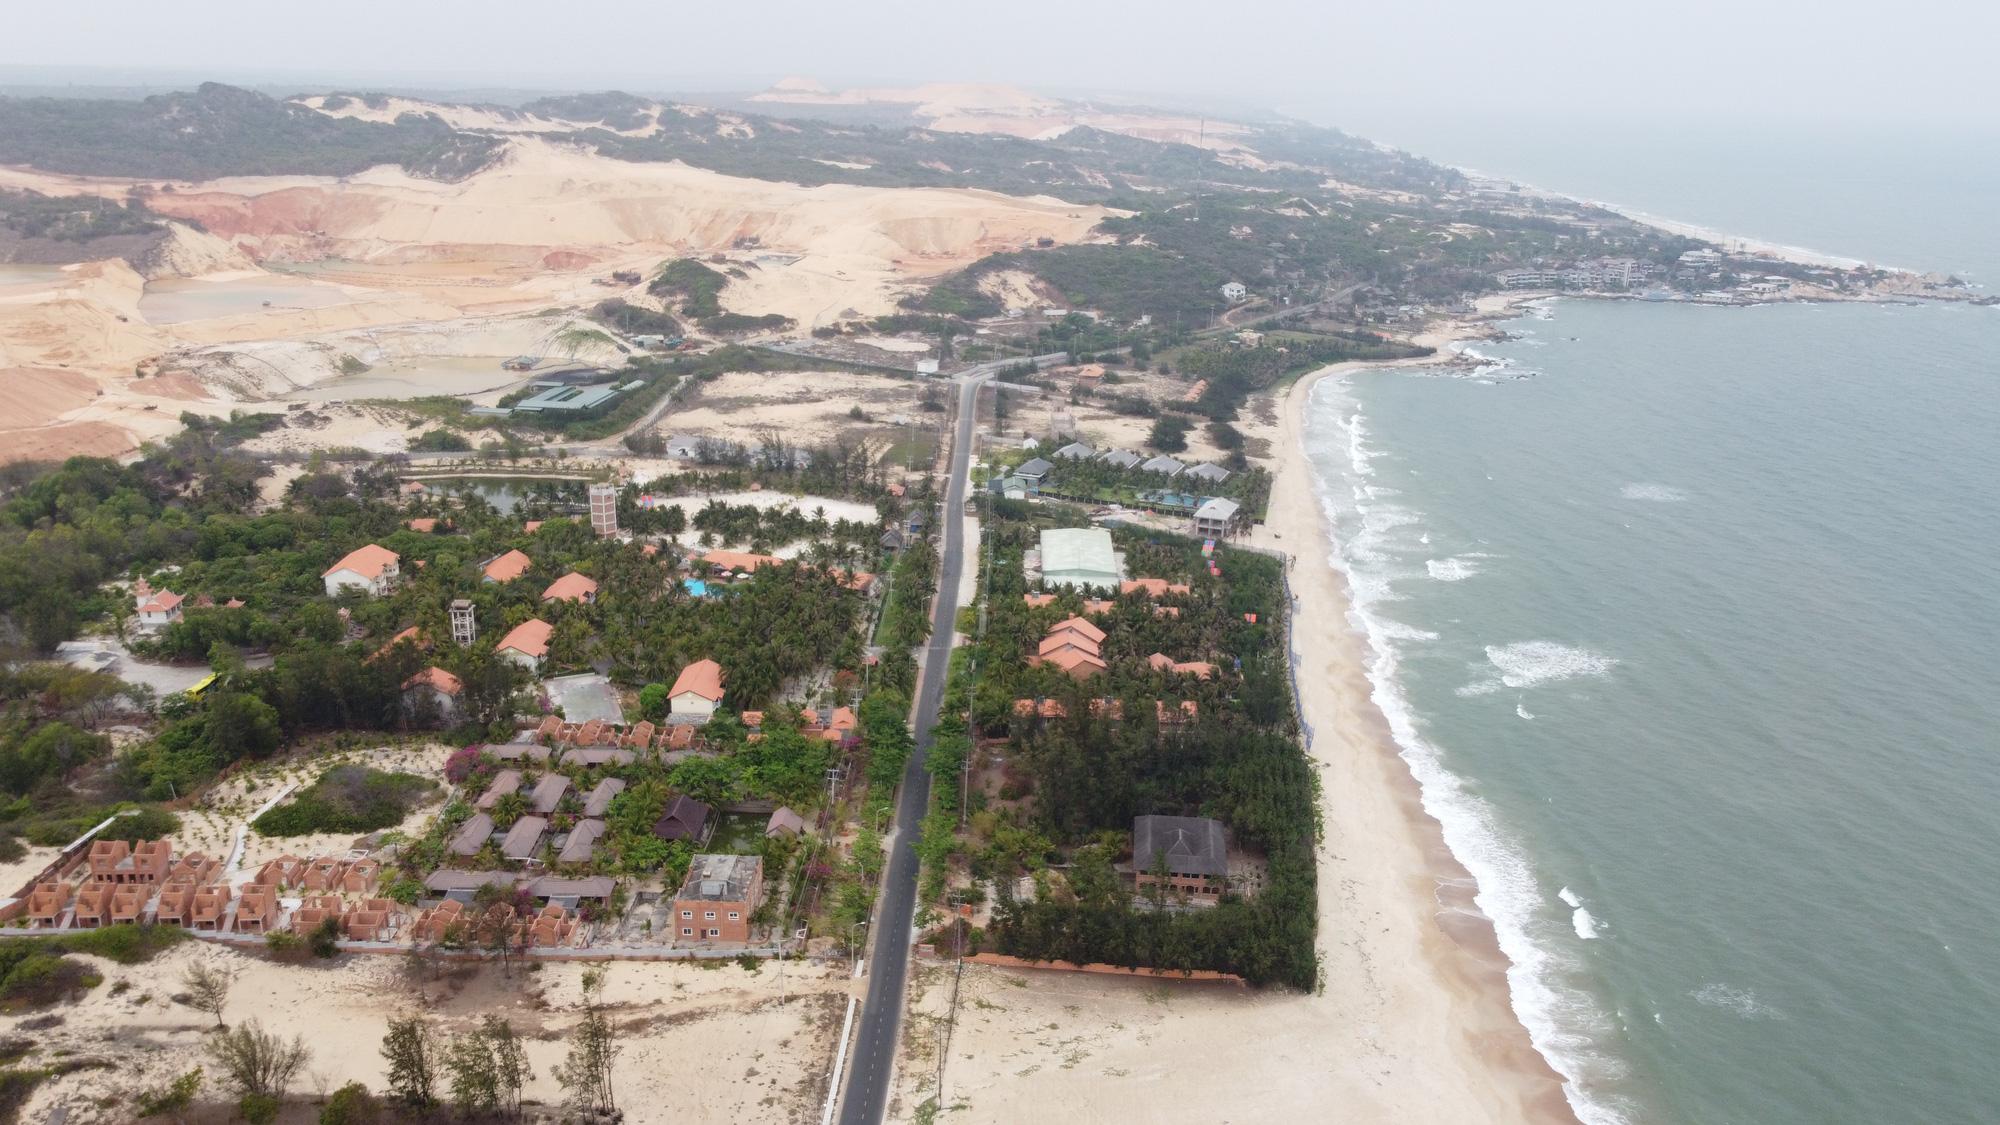 Bình Thuận rút ngắn thời gian thi công đường ven biển Phan Thiết – Kê Gà còn 30 tháng - Ảnh 1.